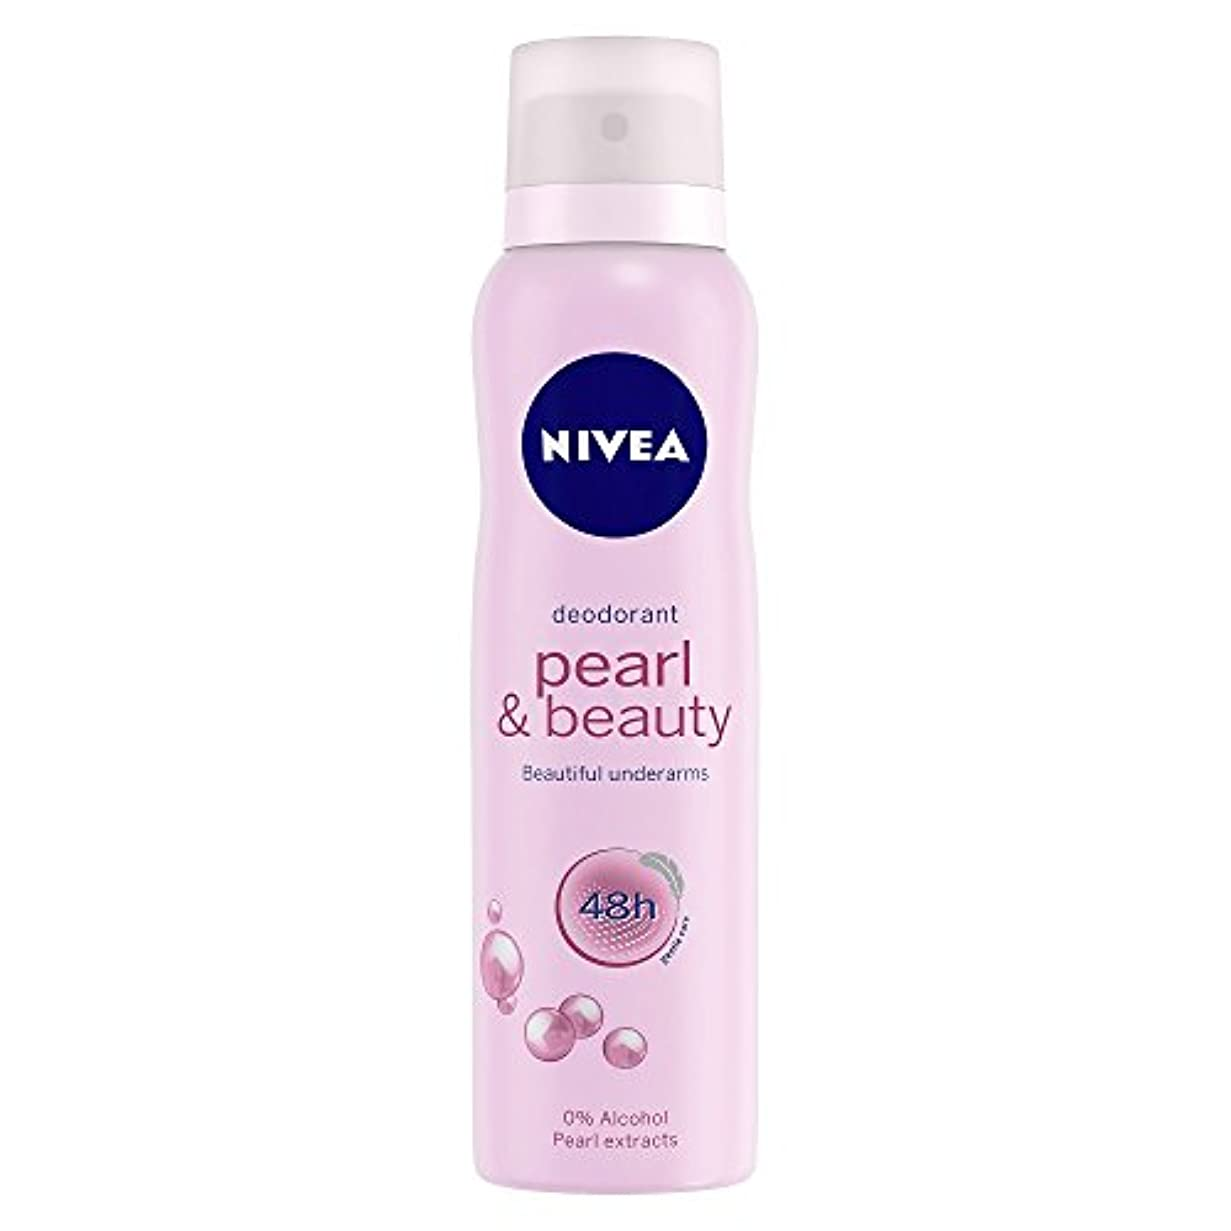 アクセルオートイルNivea Pearl And Beauty Beautiful Pearl Extracts Women's Deodorant 150 ml - India - 並行輸入品 - ニベアパールと美容美しいパールエキス、レディースデオドラント150 ml